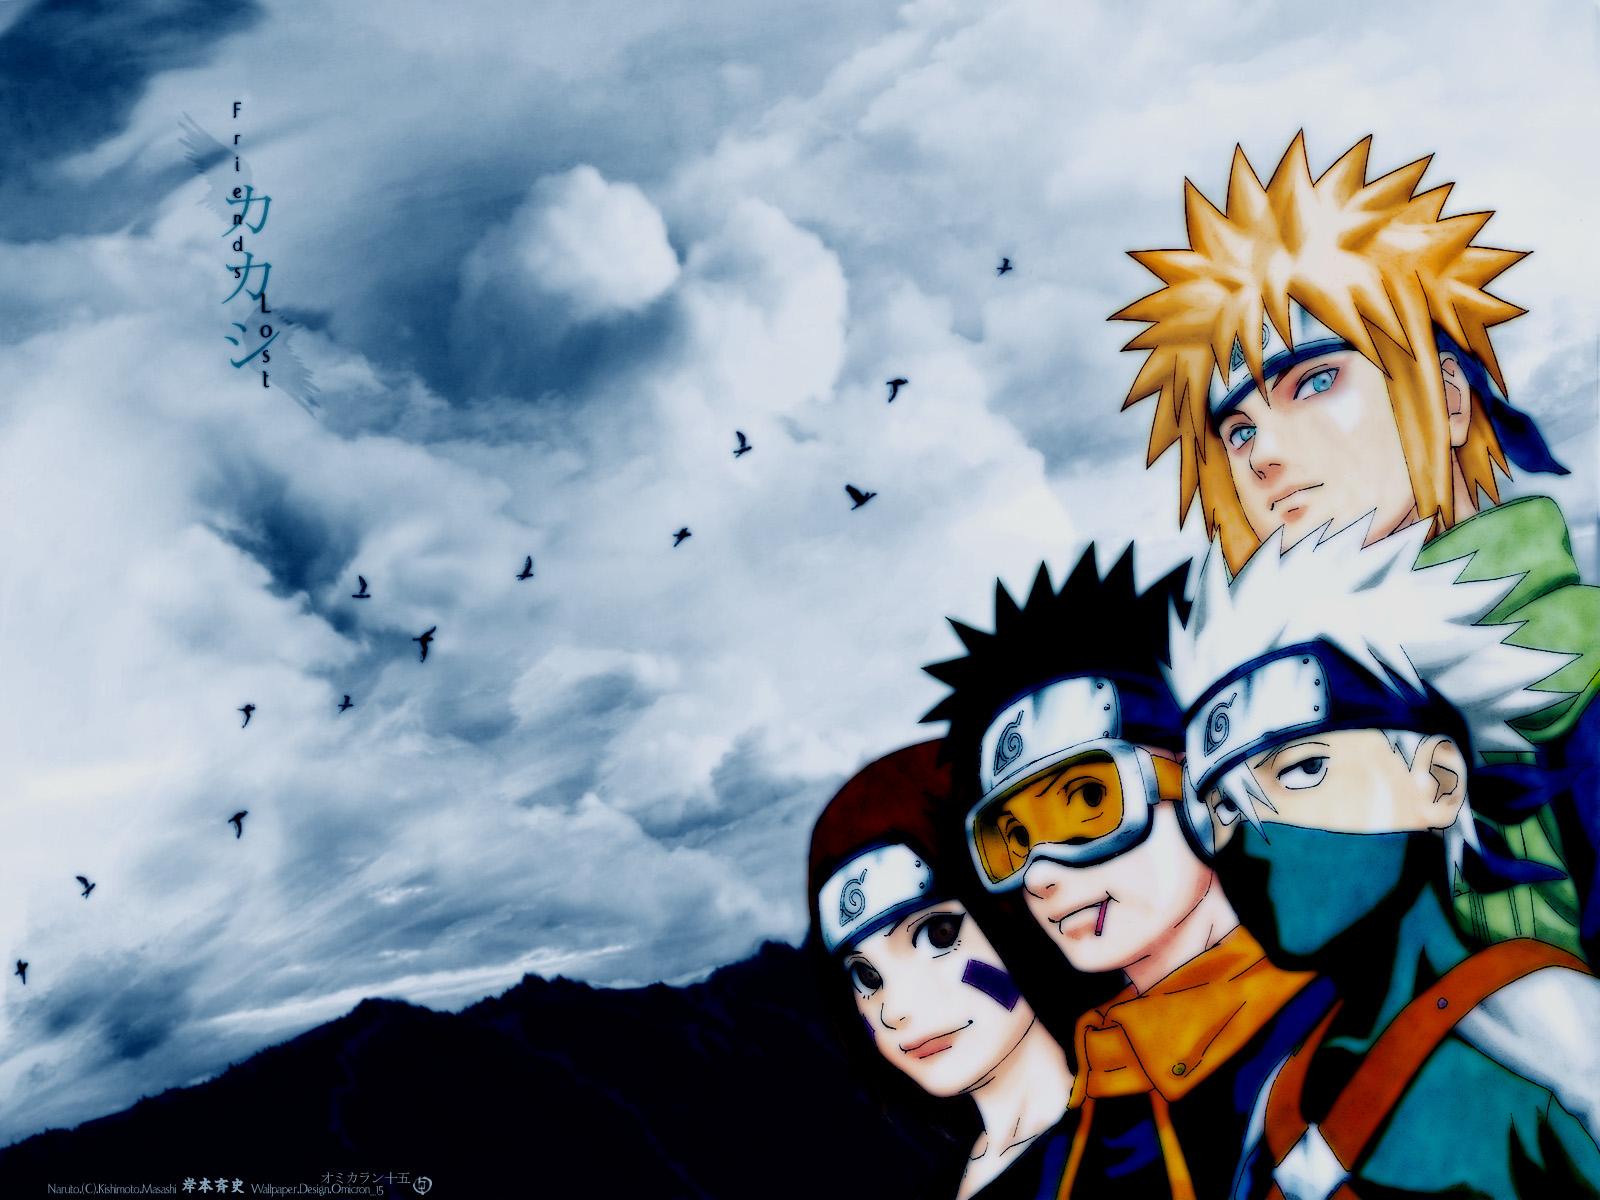 Hd wallpaper naruto - Hd Wallpaper Naruto 71